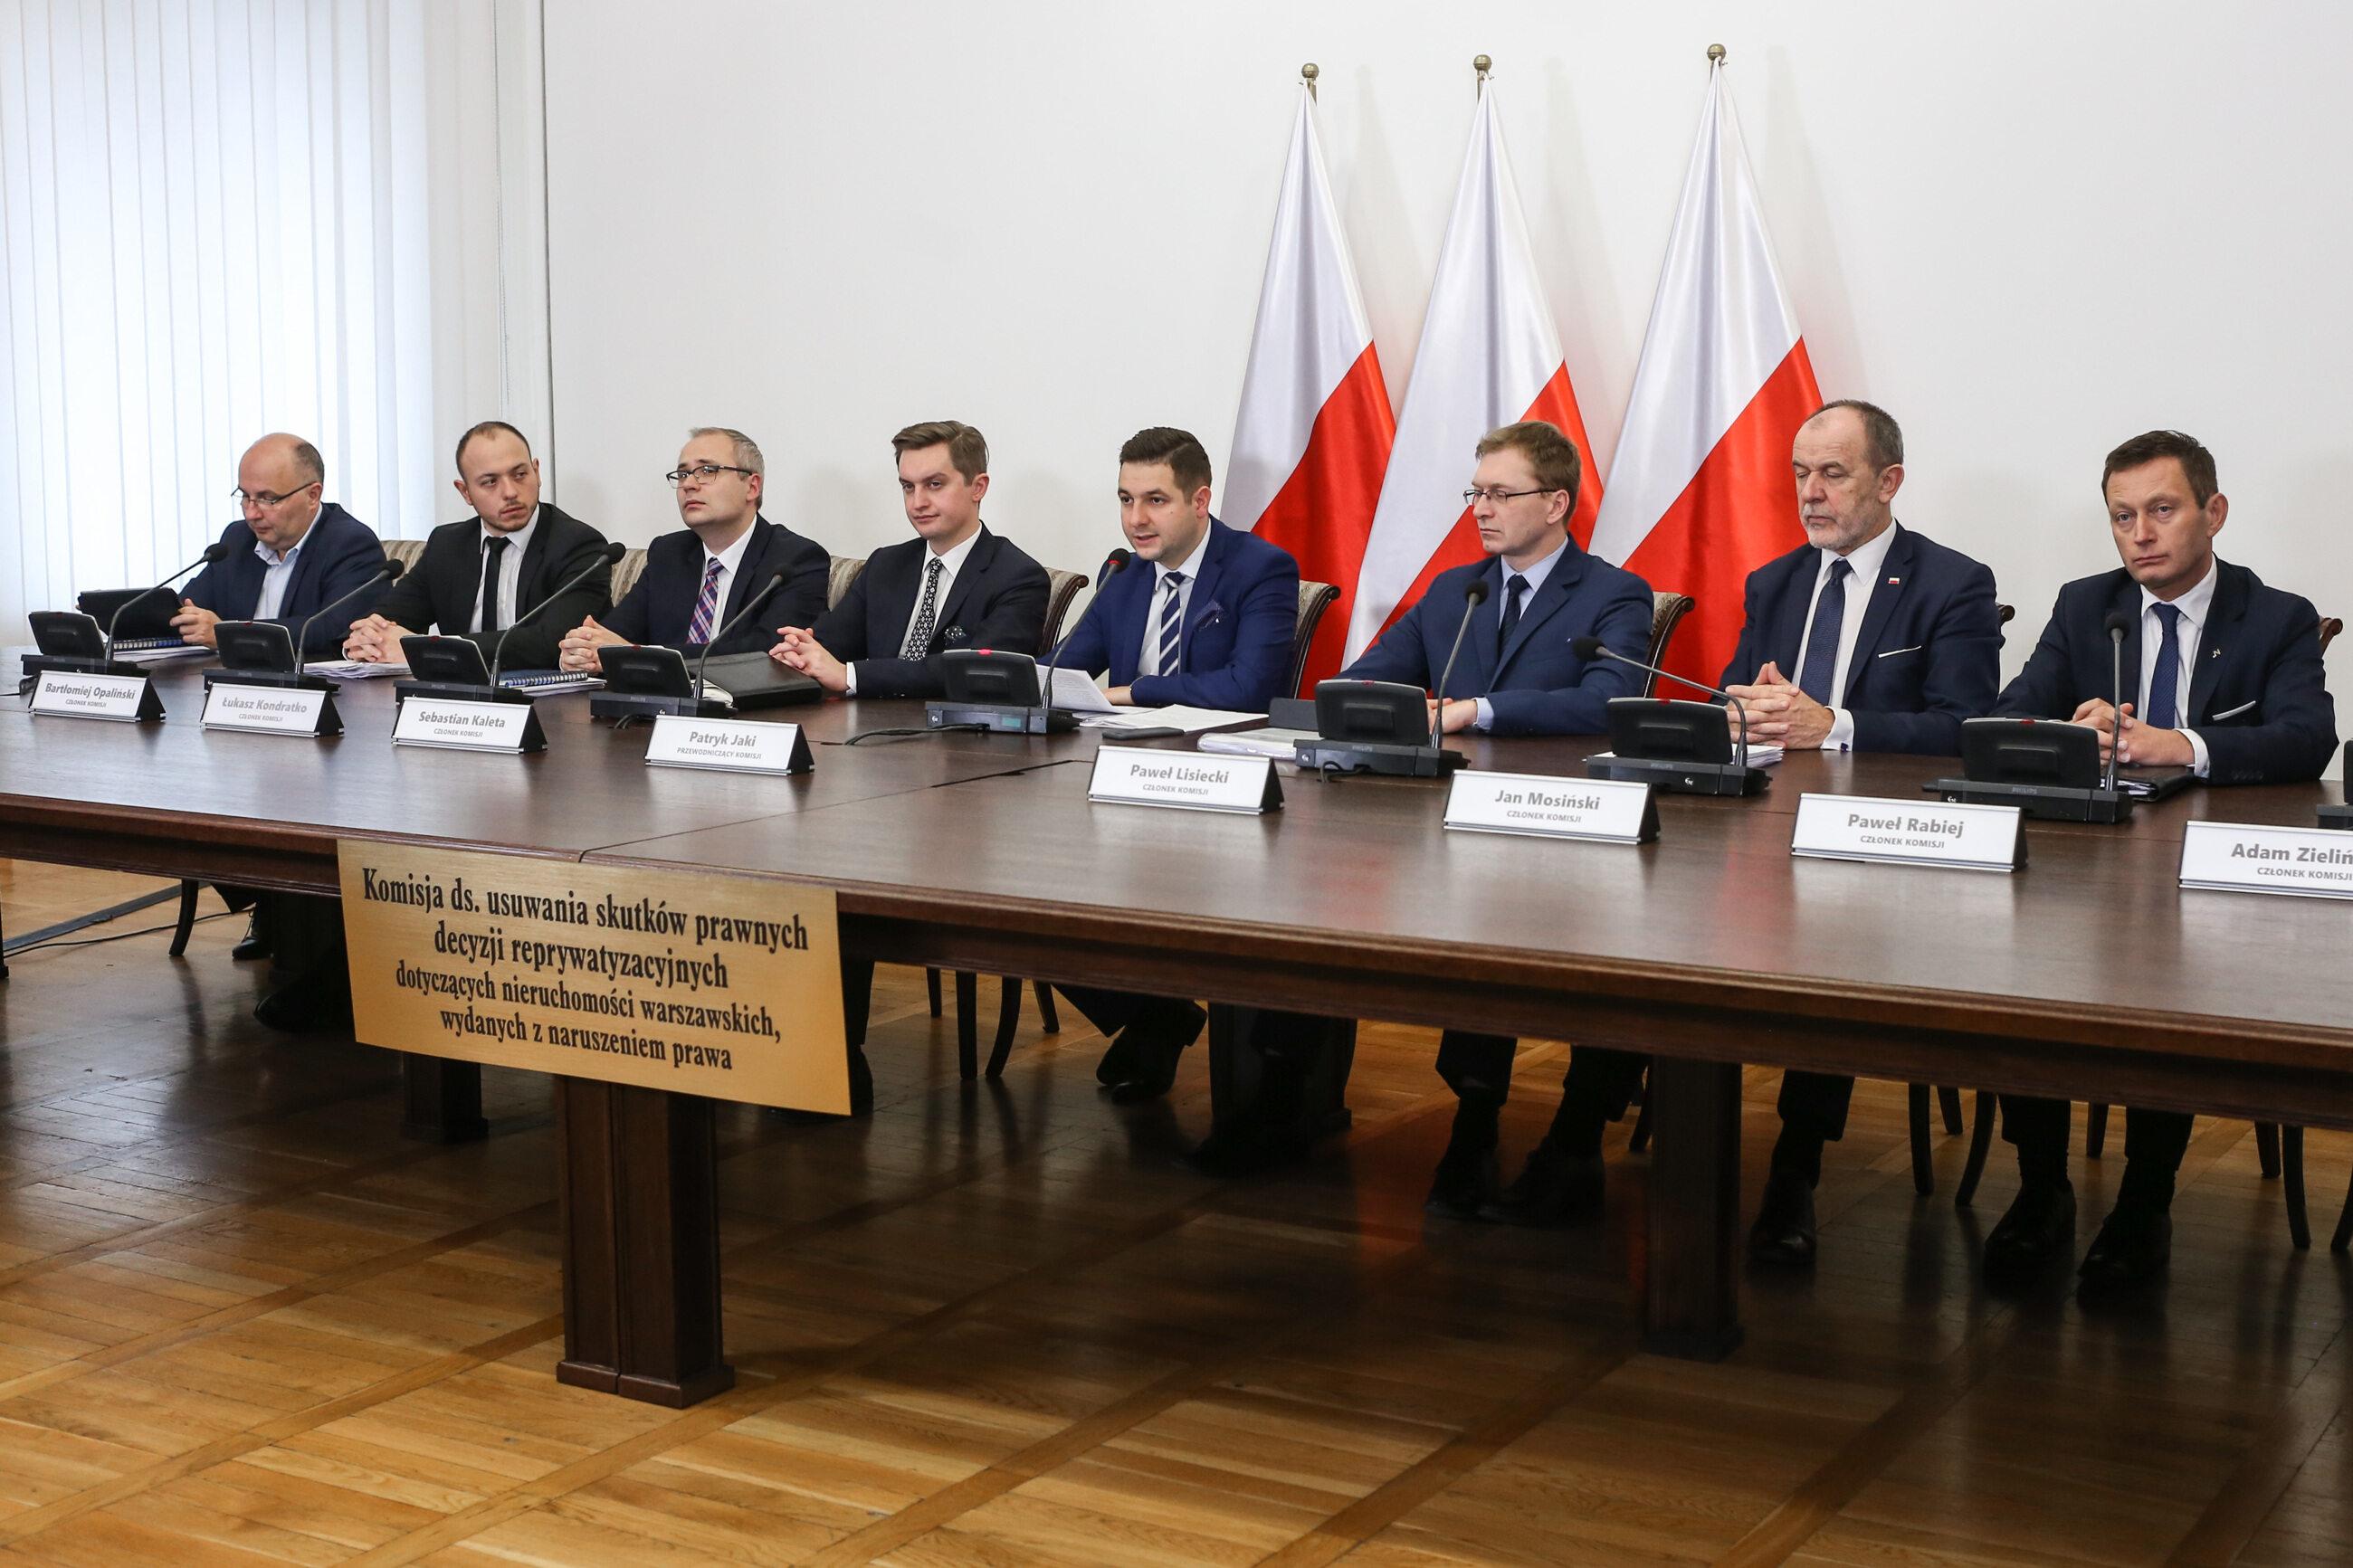 Posiedzenie komisji weryfikacyjnej ds. reprywatyzacji